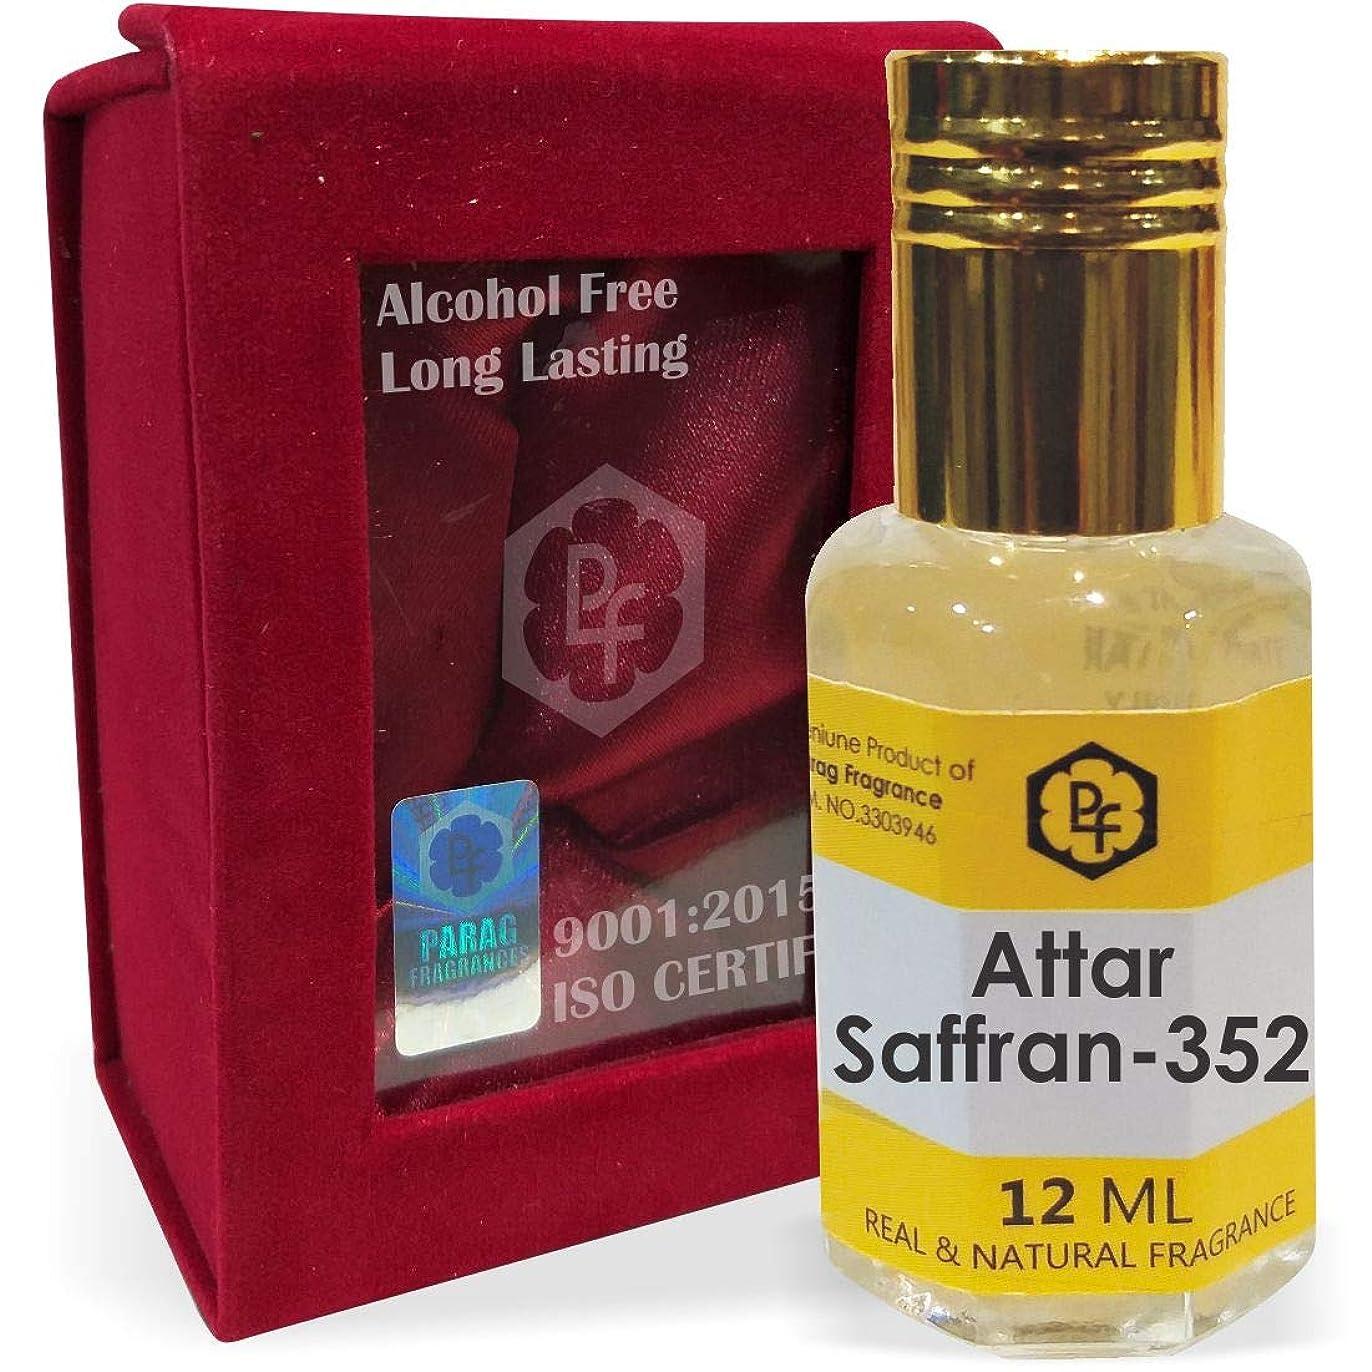 最少ちっちゃい締め切りParagフレグランスSaffran-352 12ミリリットル手作りベルベットボックスアター/香水(インドの伝統的なBhapka処理方法により、インド製)オイル/フレグランスオイル|長持ちアターITRA最高の品質